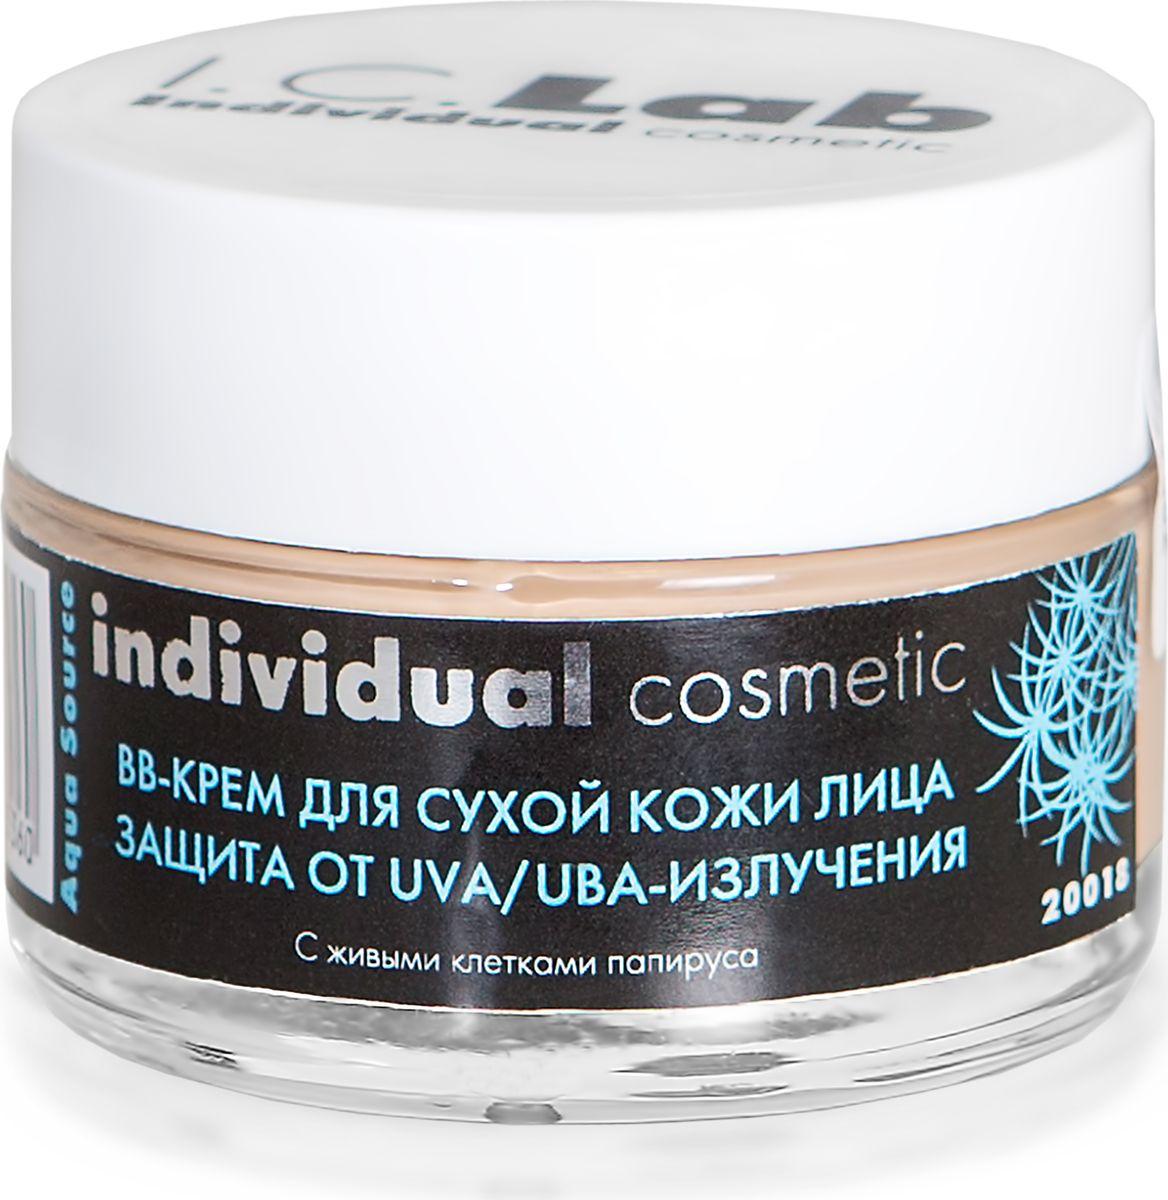 I.C.Lab Individual cosmetic BB-крем для сухой кожи лица с живыми клетками папируса, 50 мл.121356Действует как основа под макияж, адаптируется под цвет кожи, выравнивая ее поверхность и тон, маскируя дефекты. Имеет свойство защиты от солнечных лучей UVA и UBA, активно увлажняет и питает.